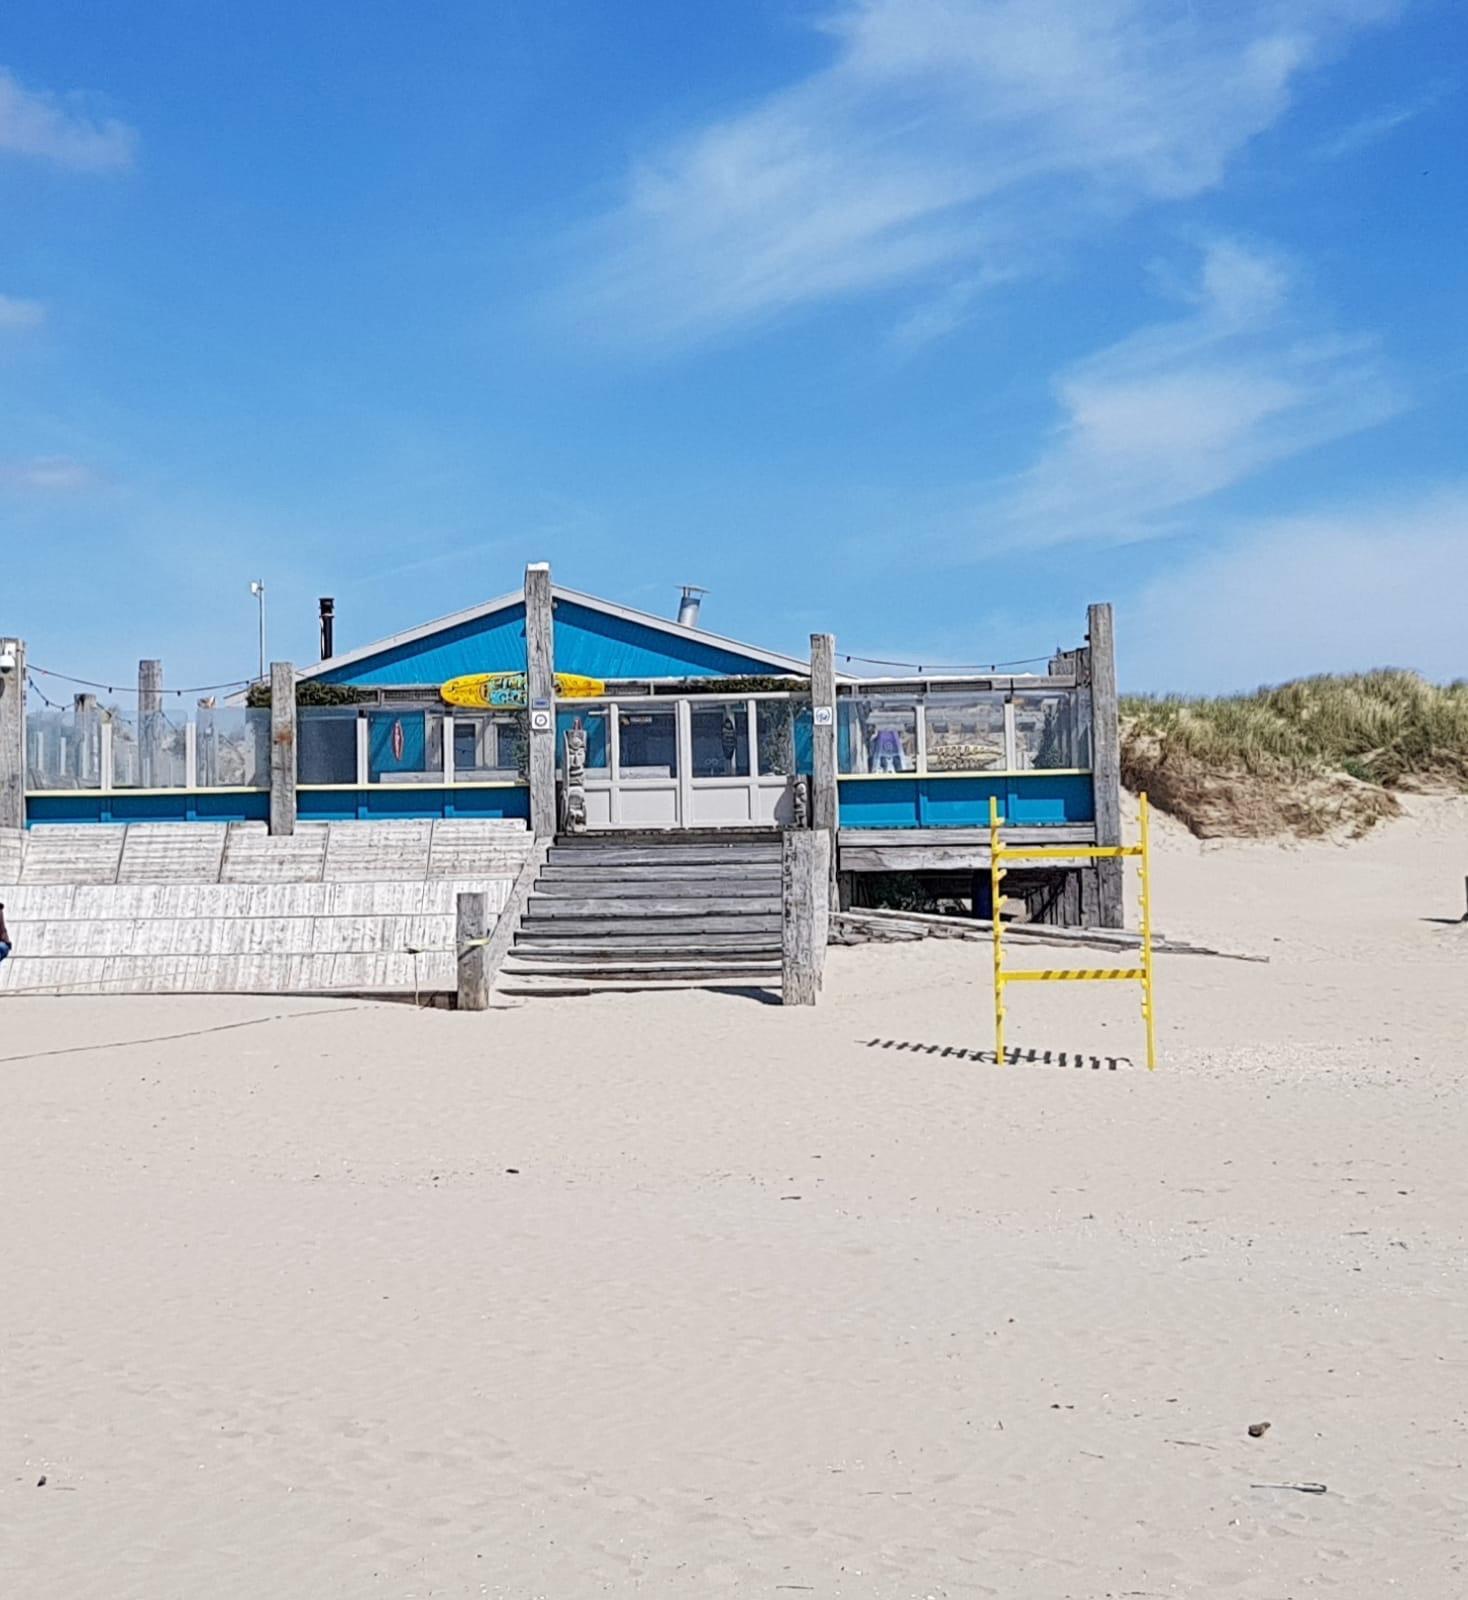 High Tide Surf & Food Velsen City Blog